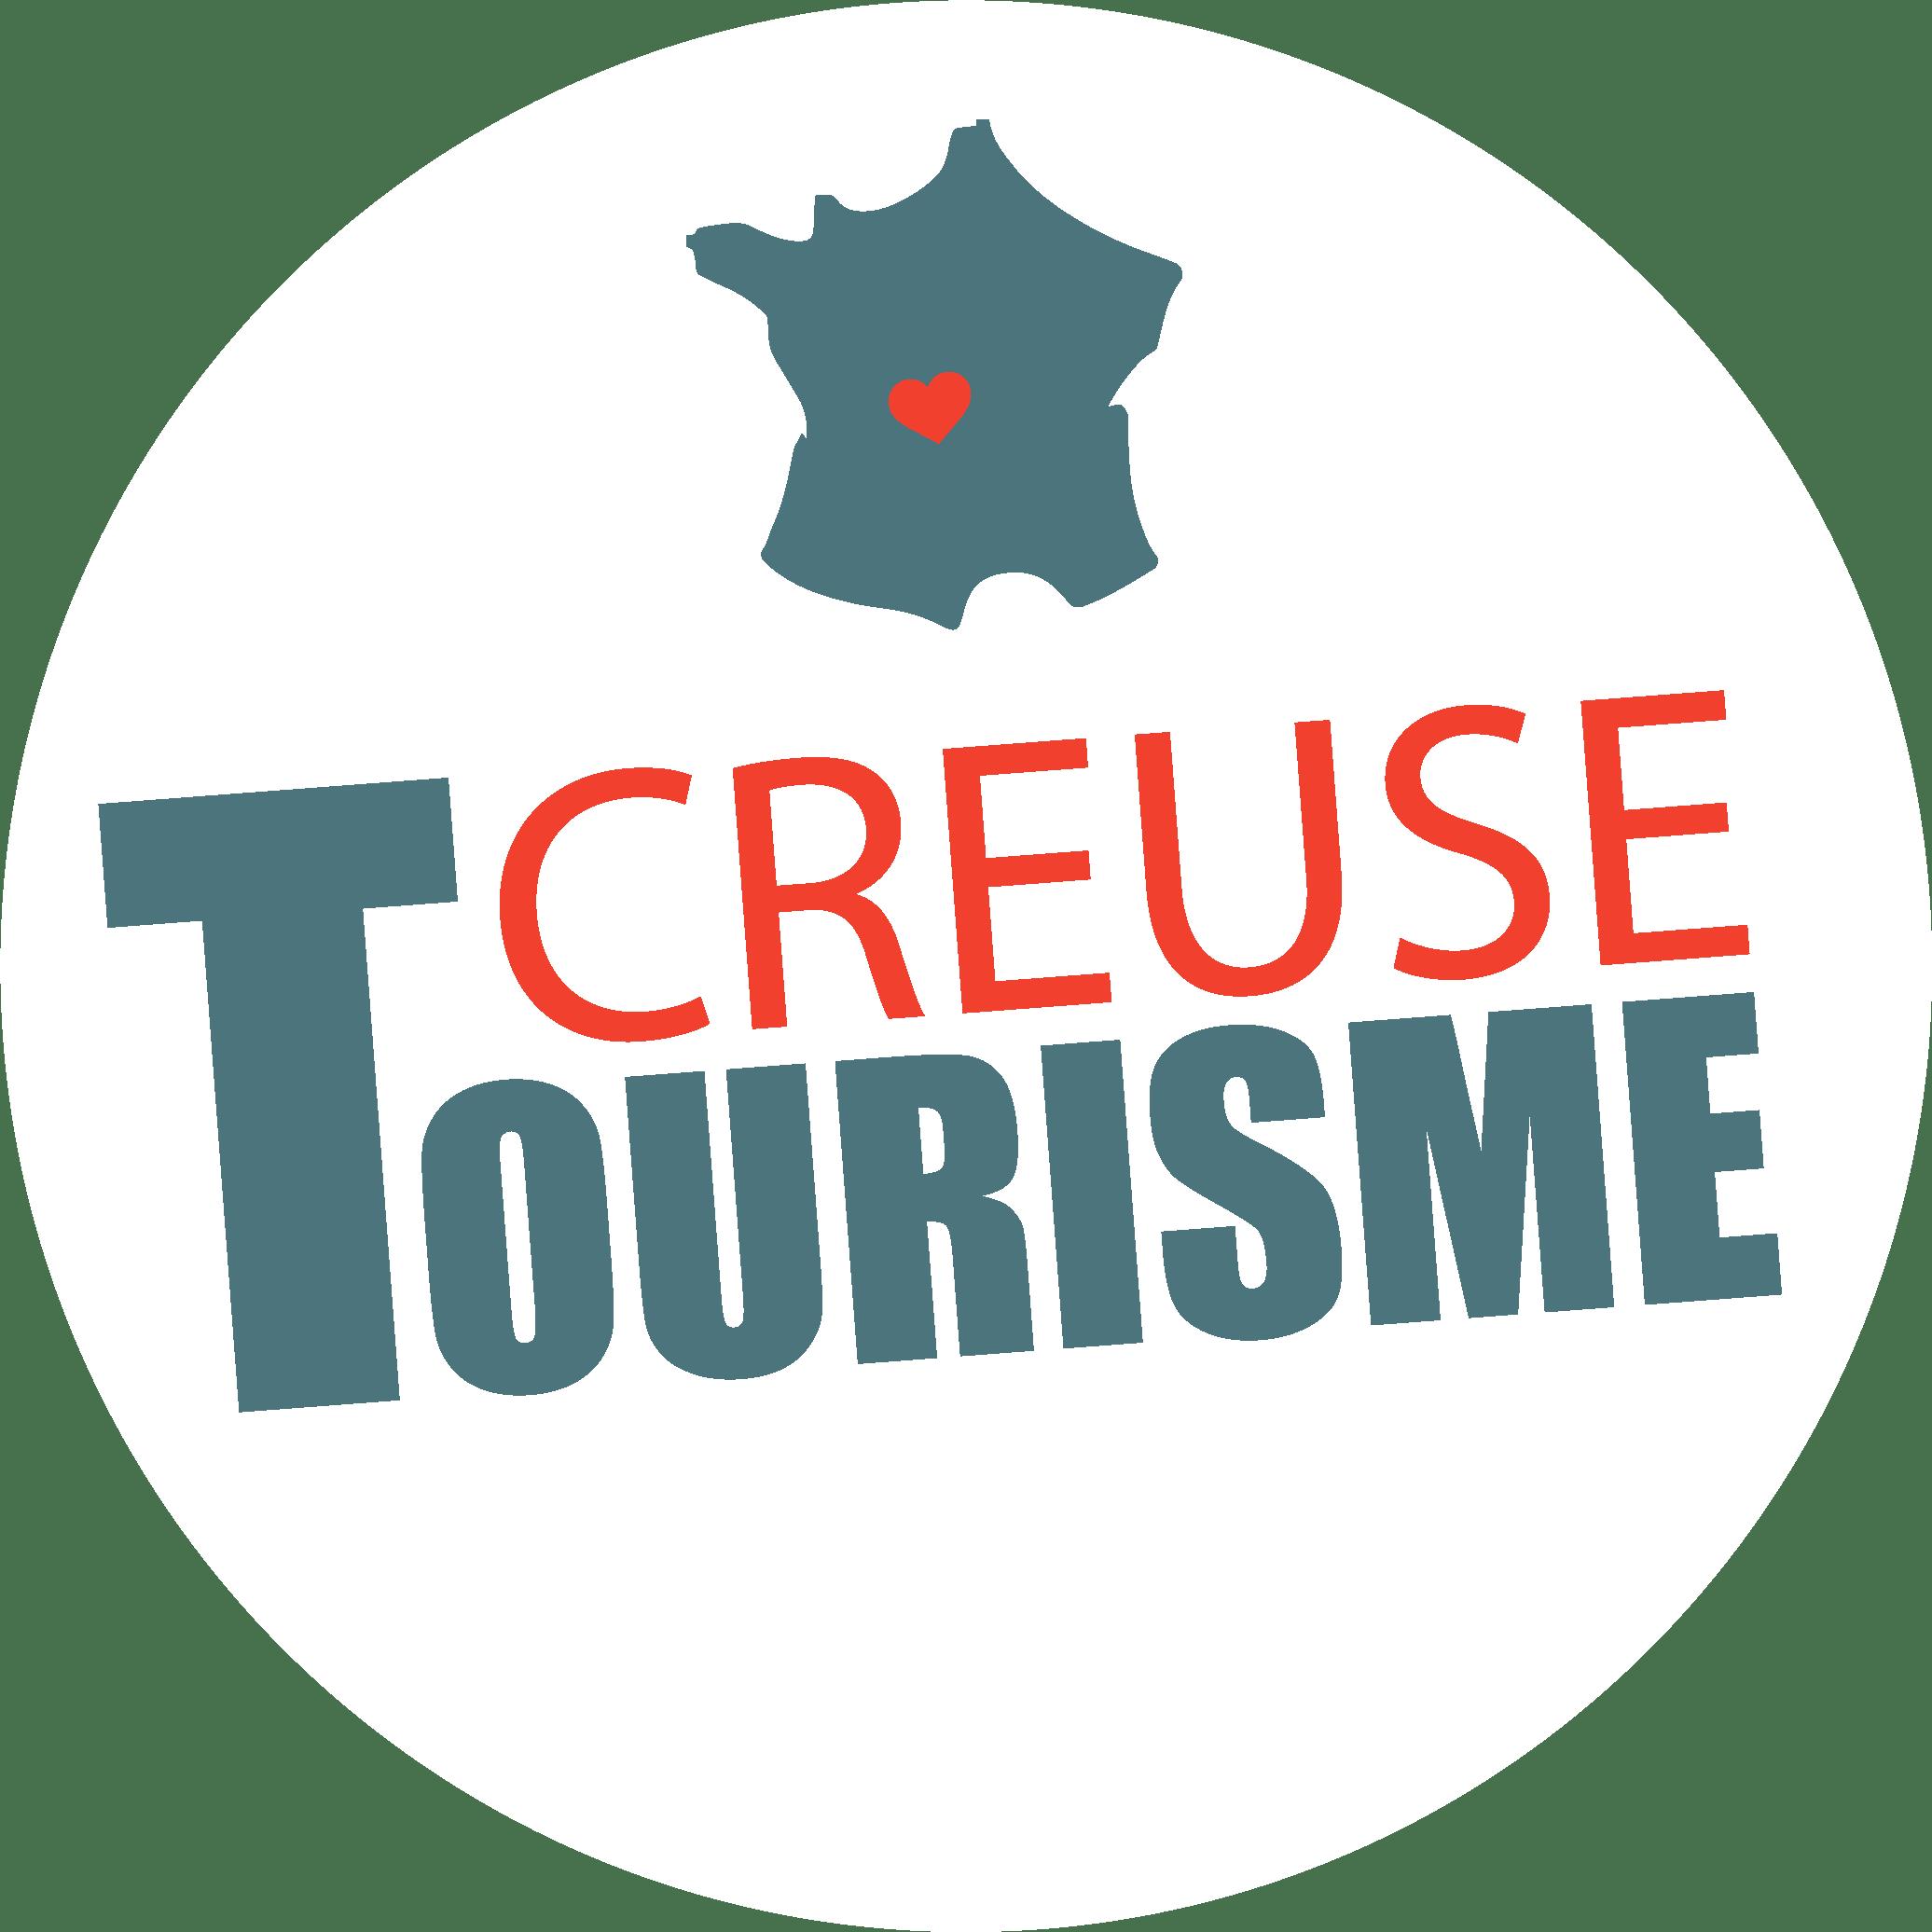 www.tourisme-creuse.com